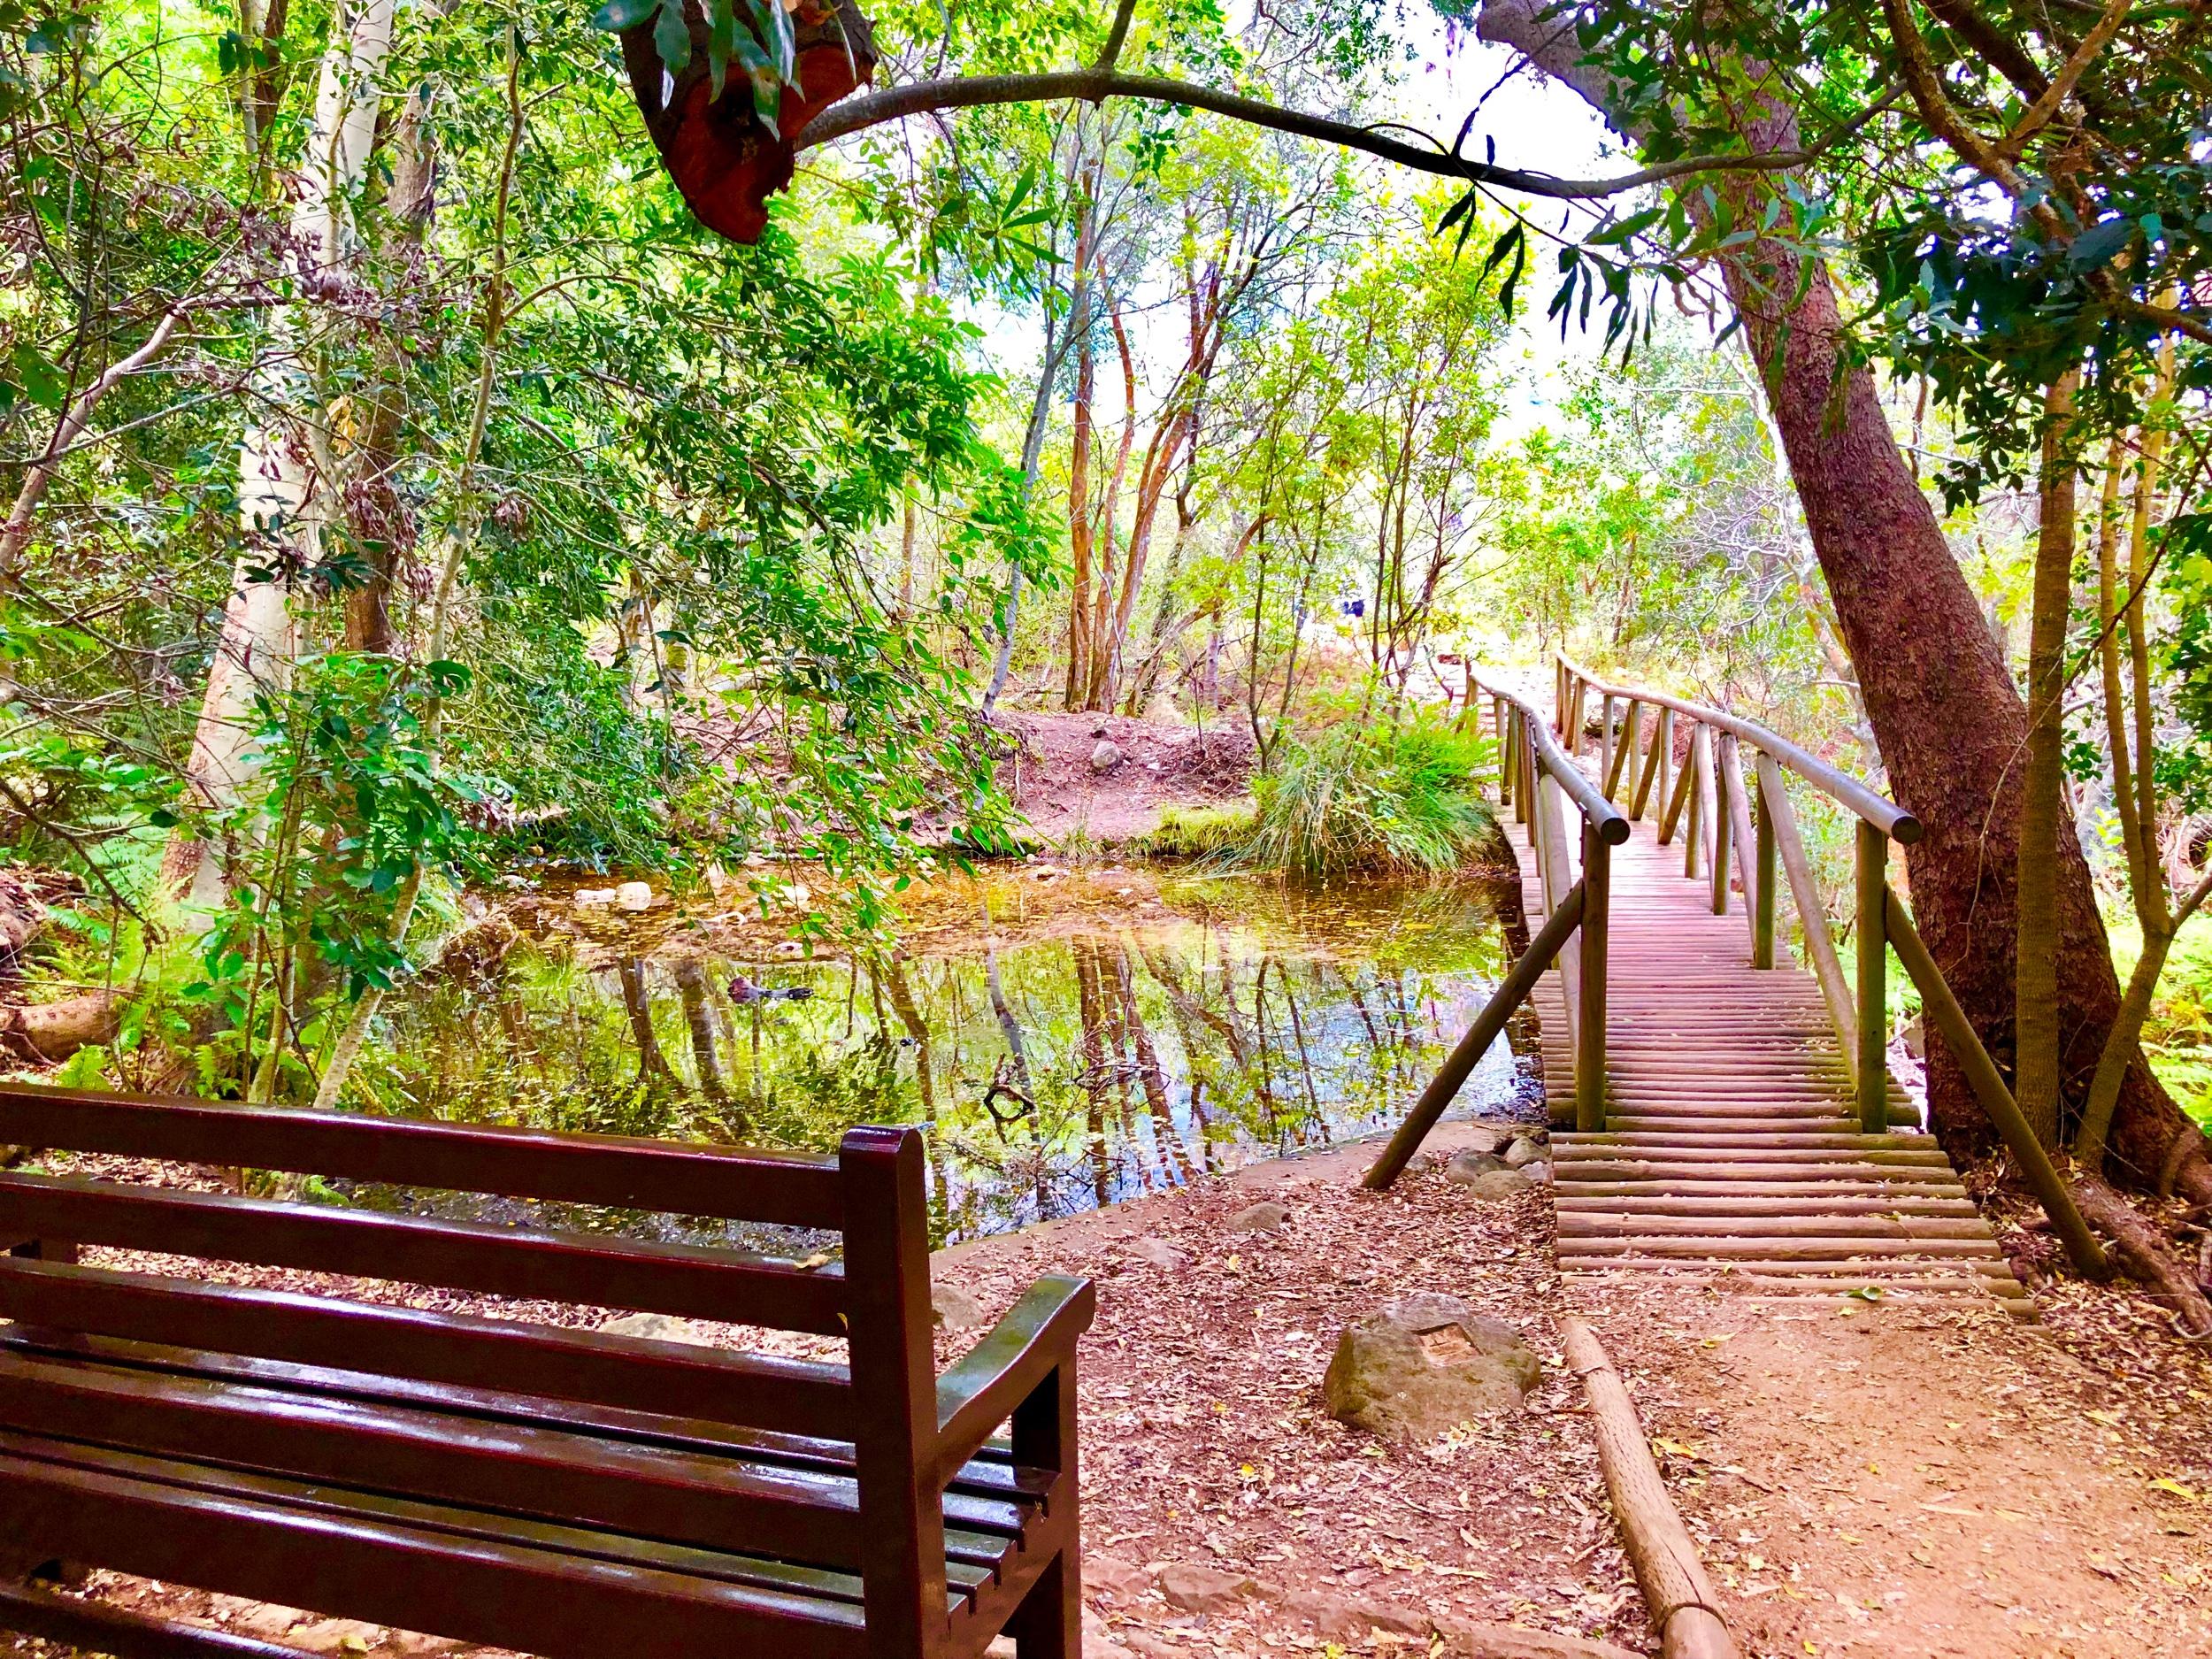 Hiking in Kirstenbosch Botanical Gardens